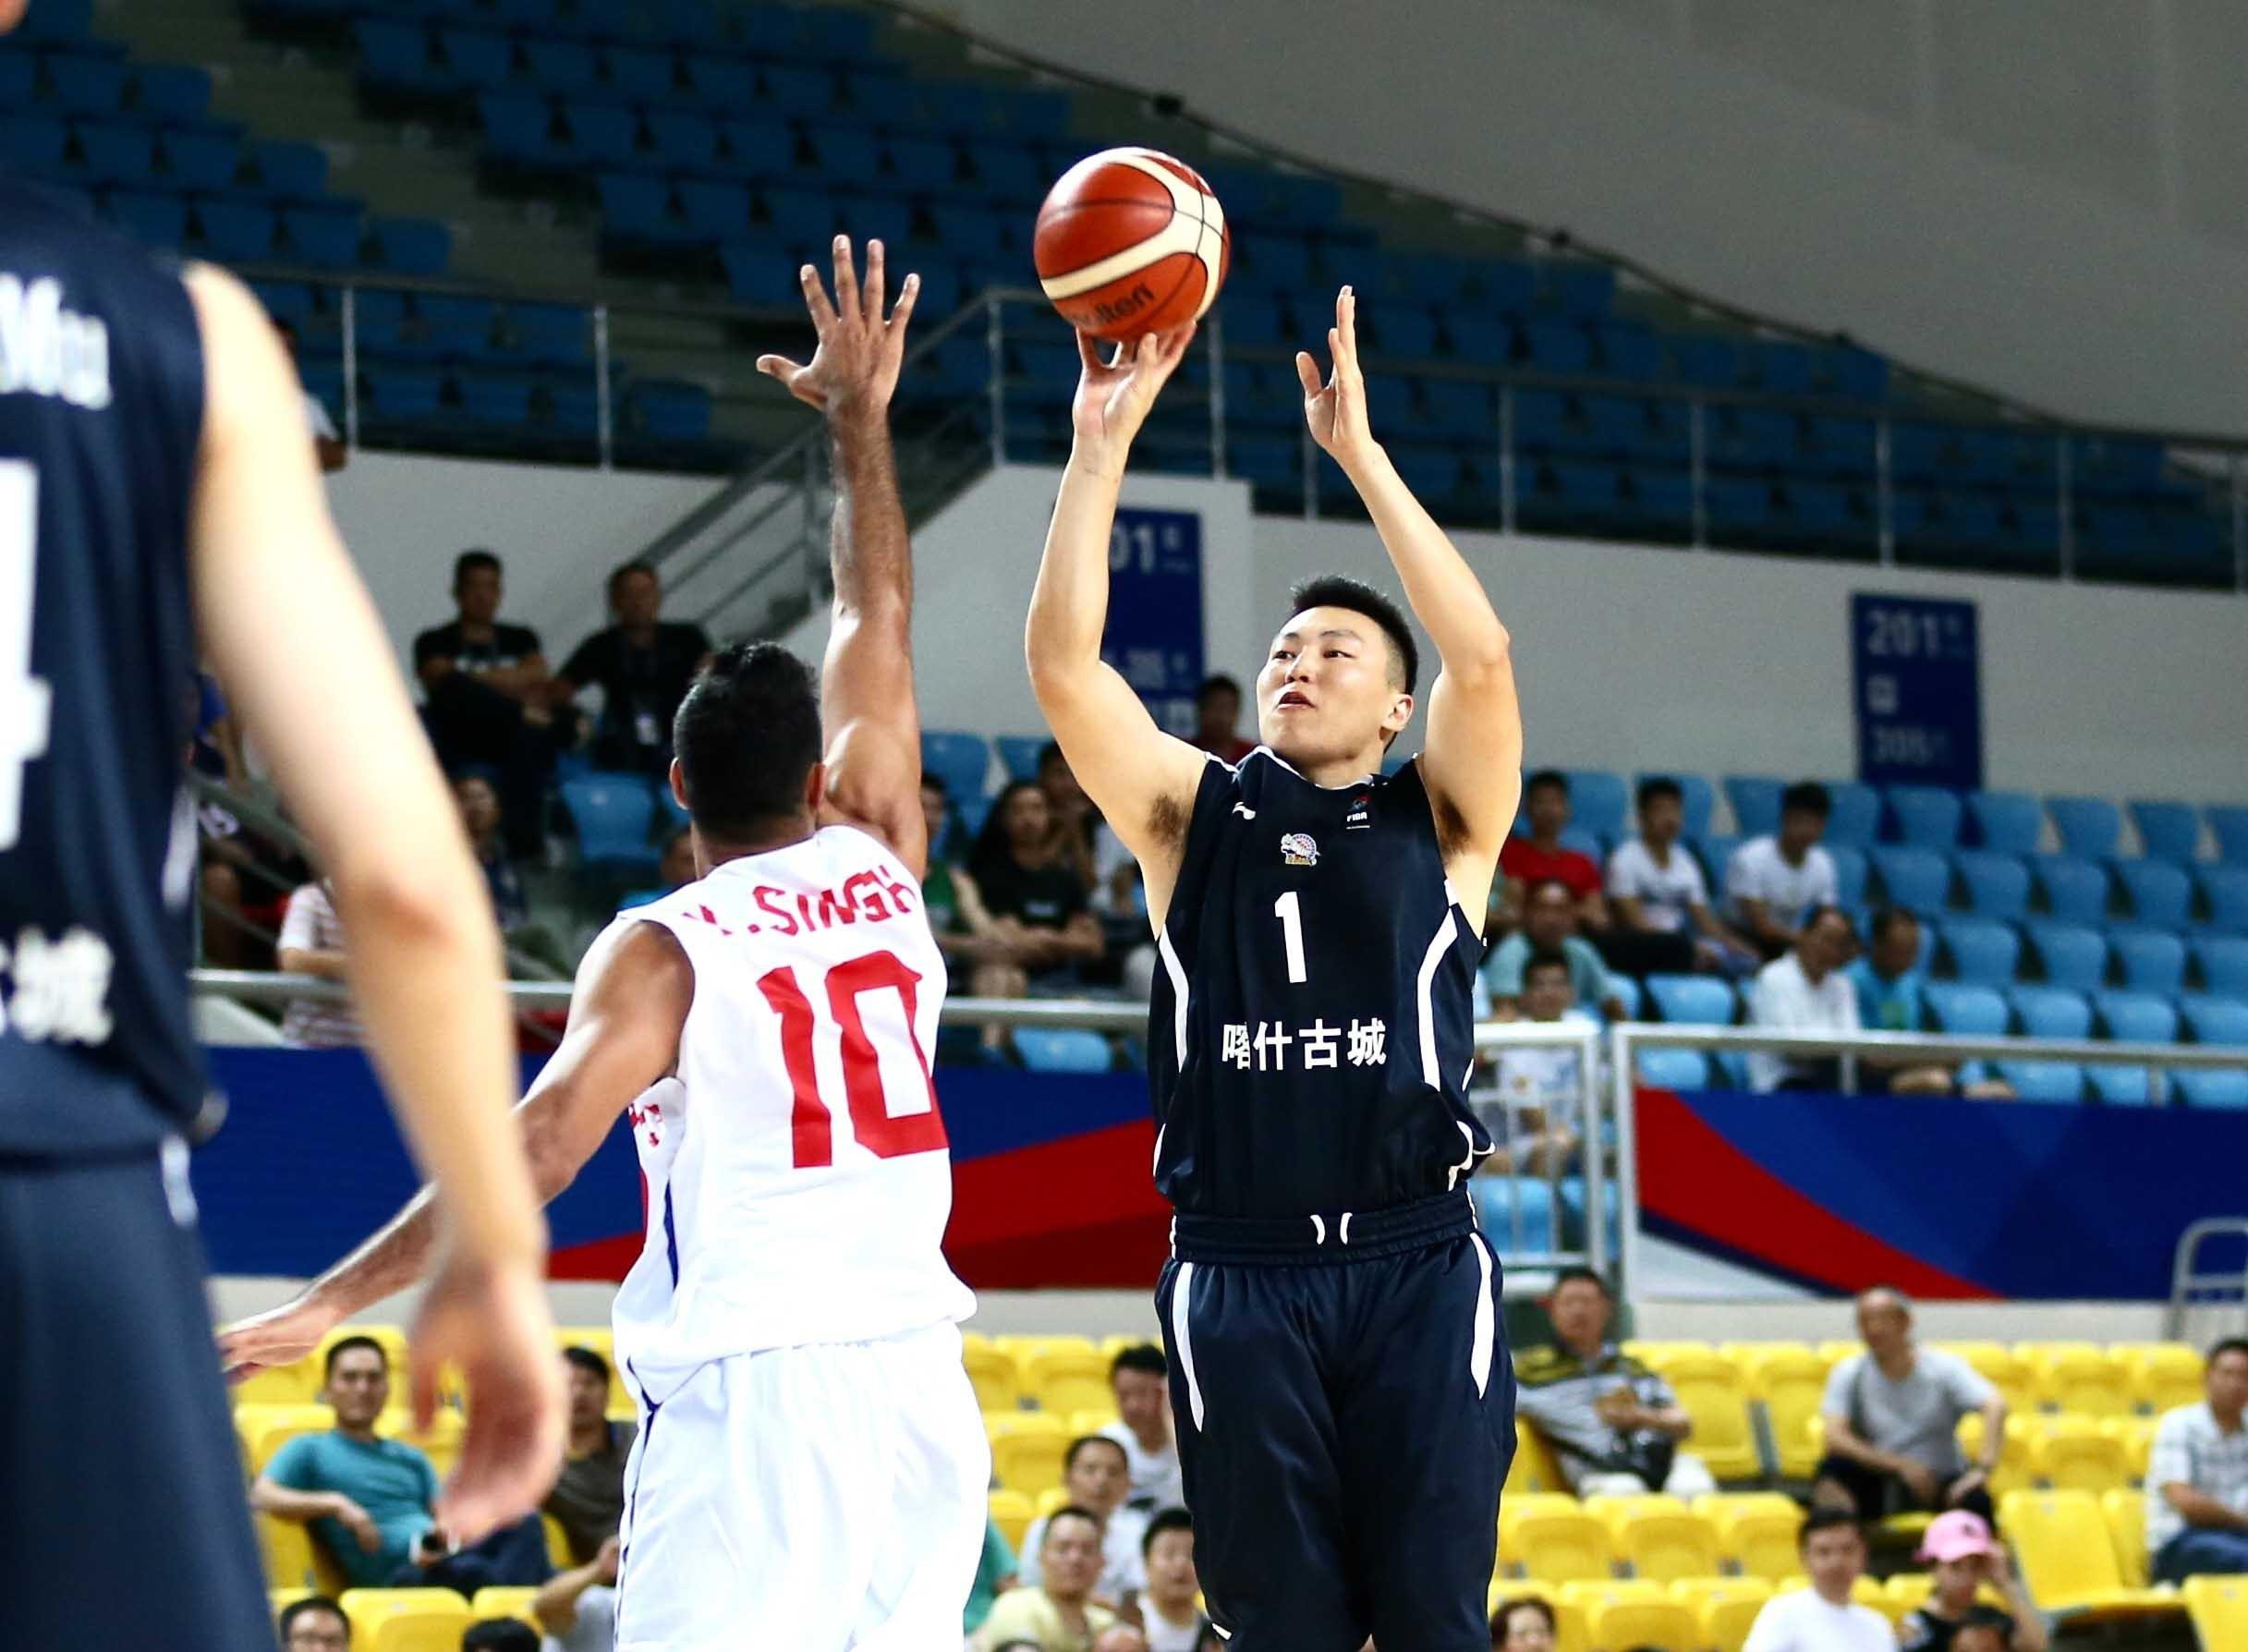 高清:新疆男篮大胜印度冠军 李根迎复出首秀